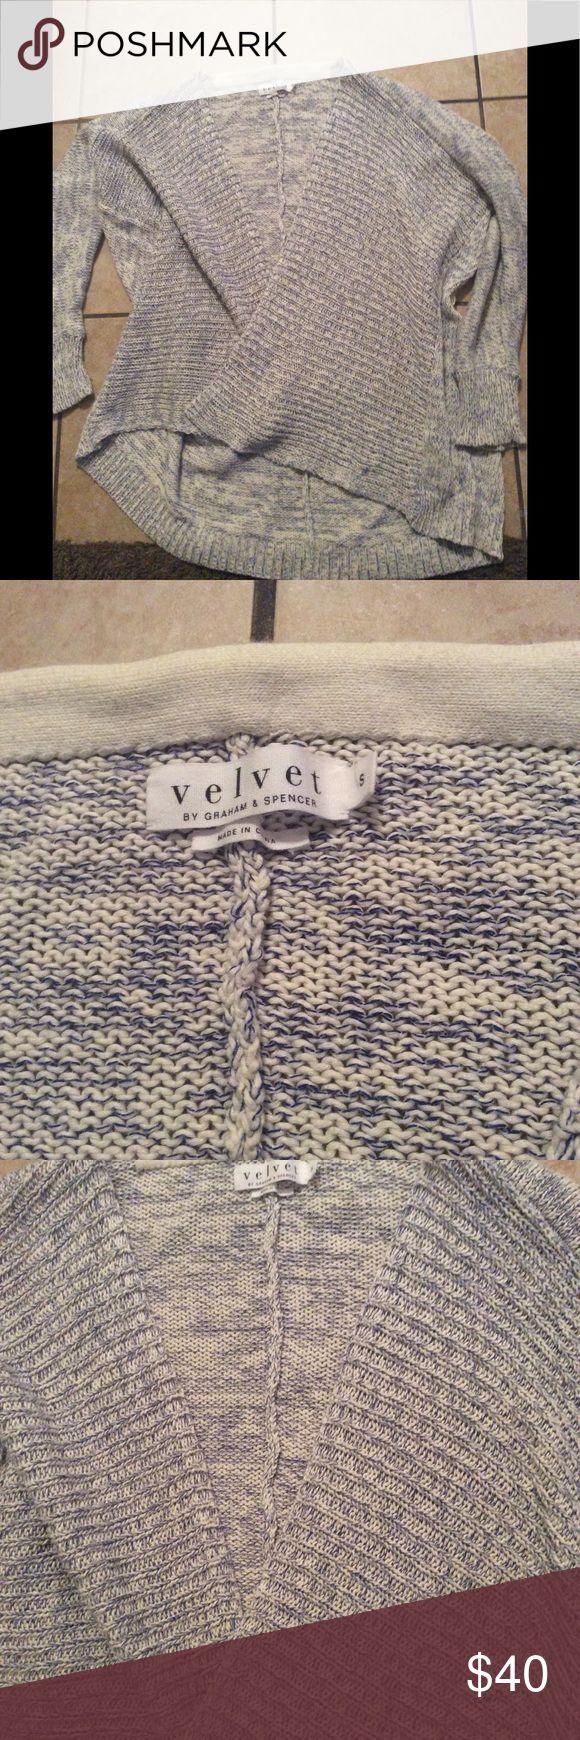 Velvet by Graham and spencer sweater Velvet by graham and spencer cardigan sweater small excellent condition stock pic for fit Velvet by Graham & Spencer Sweaters Cardigans